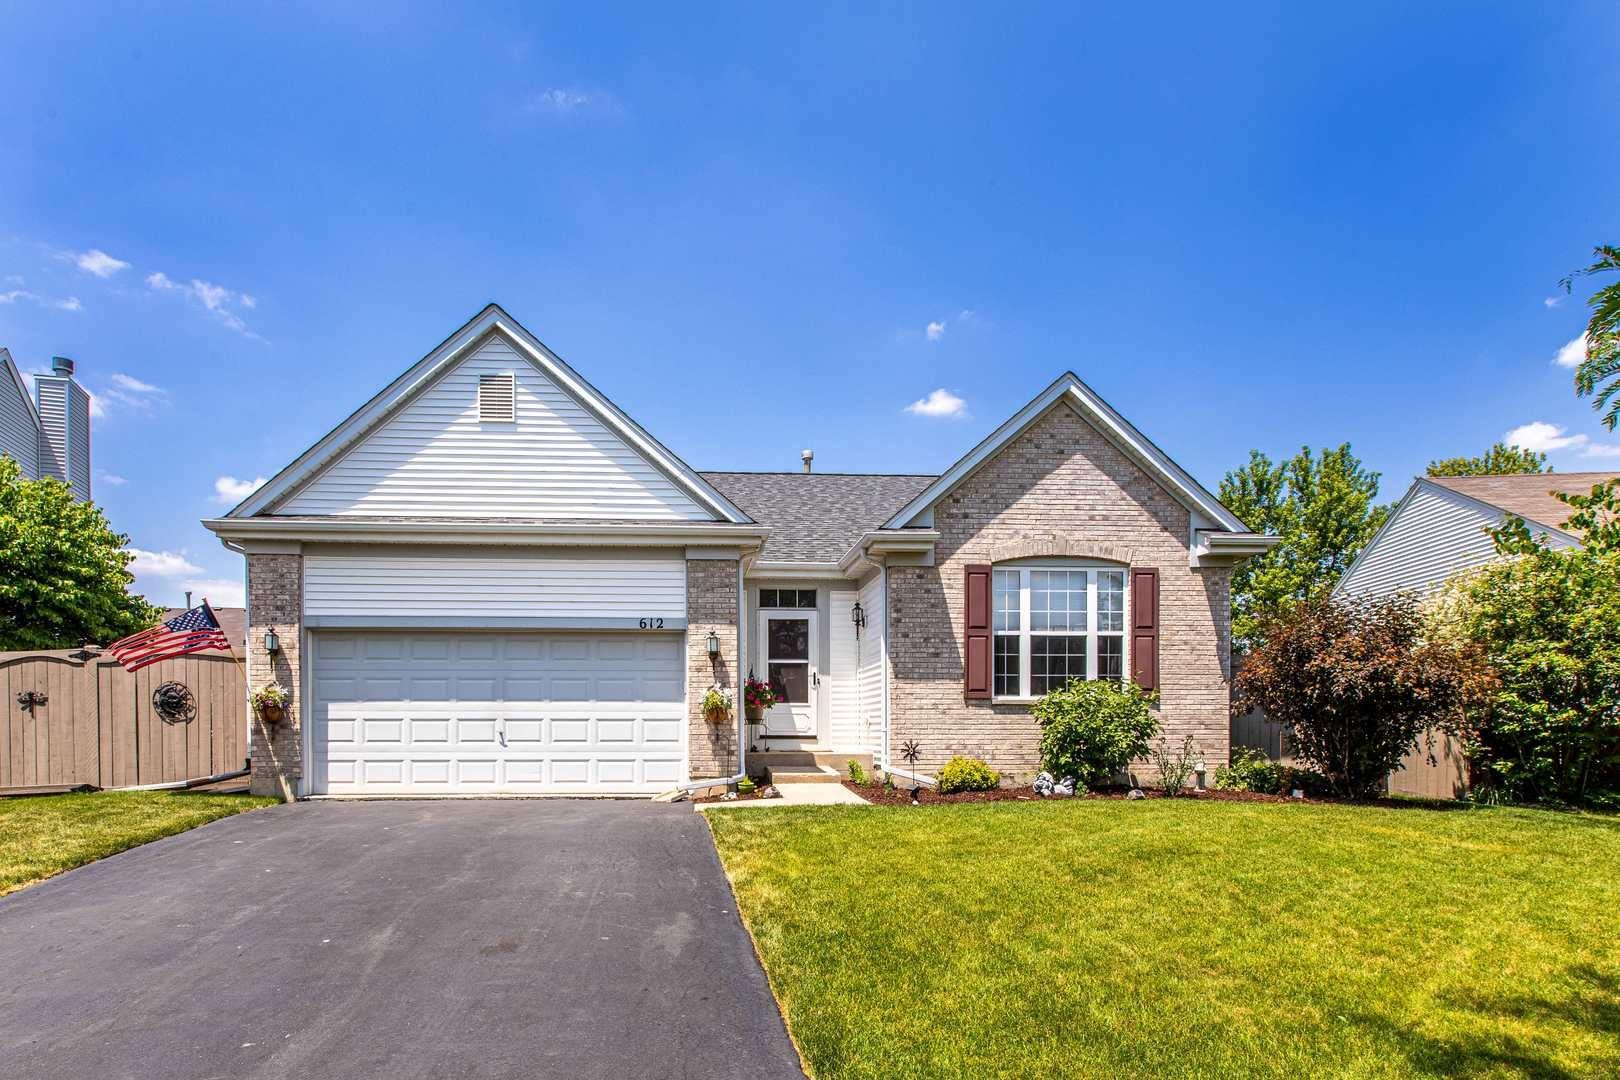 612 Cameron Drive, Antioch, IL 60002 - #: 10752493